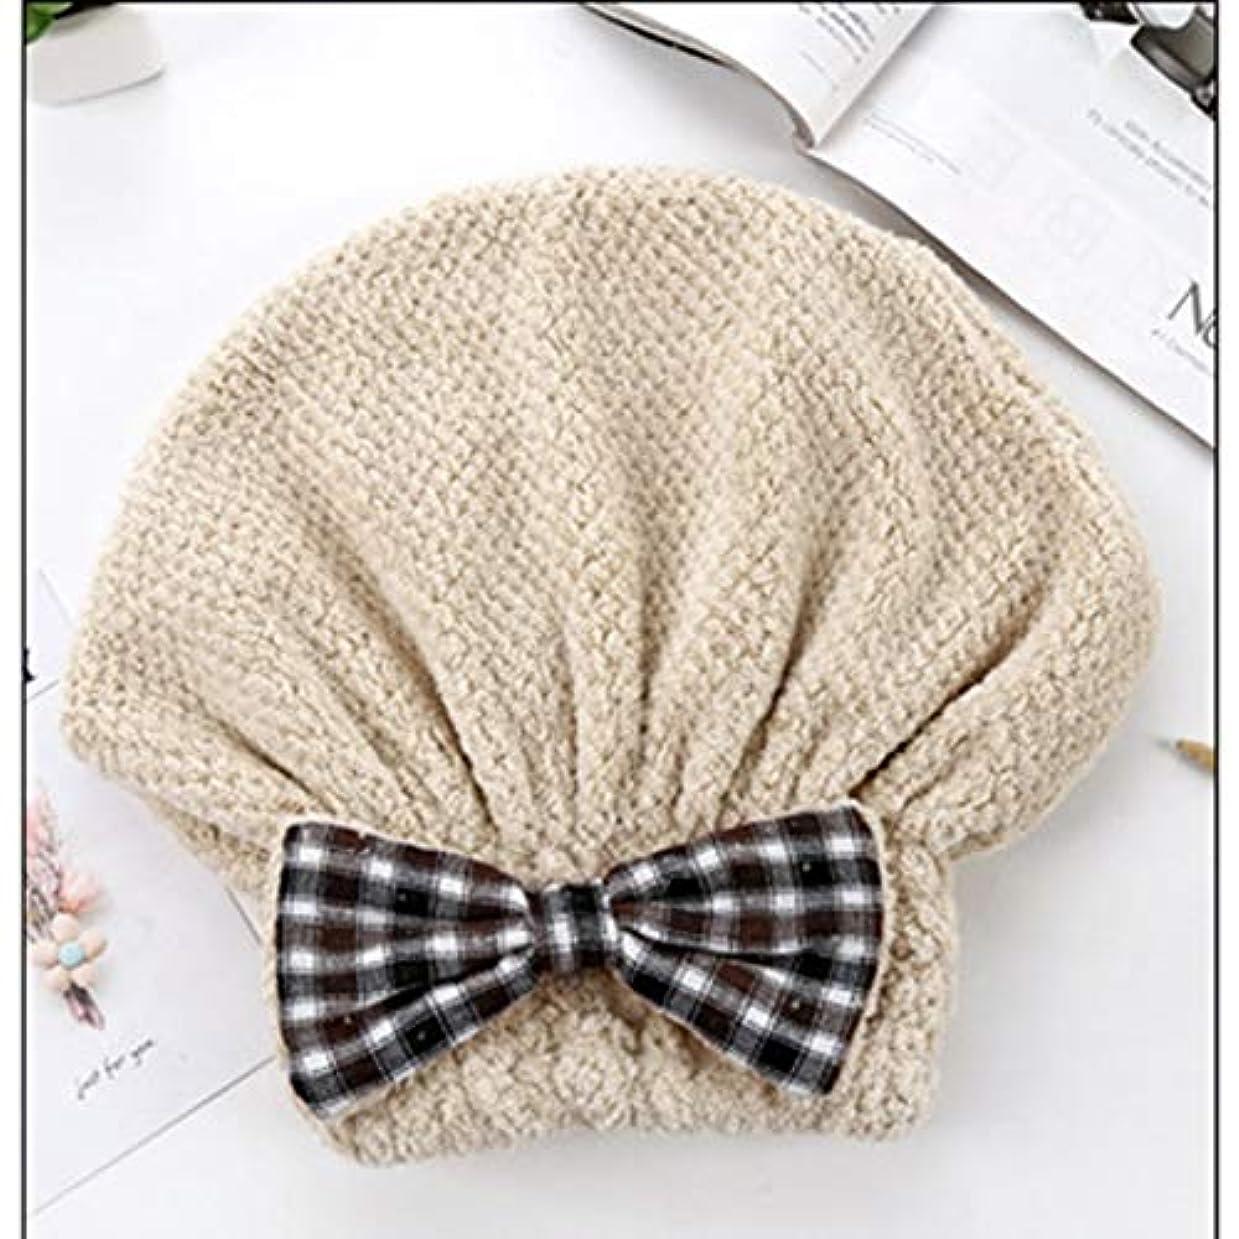 不和ベテラン農奴Swiftgood ヘアタオルラップ、ボタン付きヘアドライヤータオル、マイクロファイバーヘアタオル、乾いた髪の帽子、バスヘアキャップ